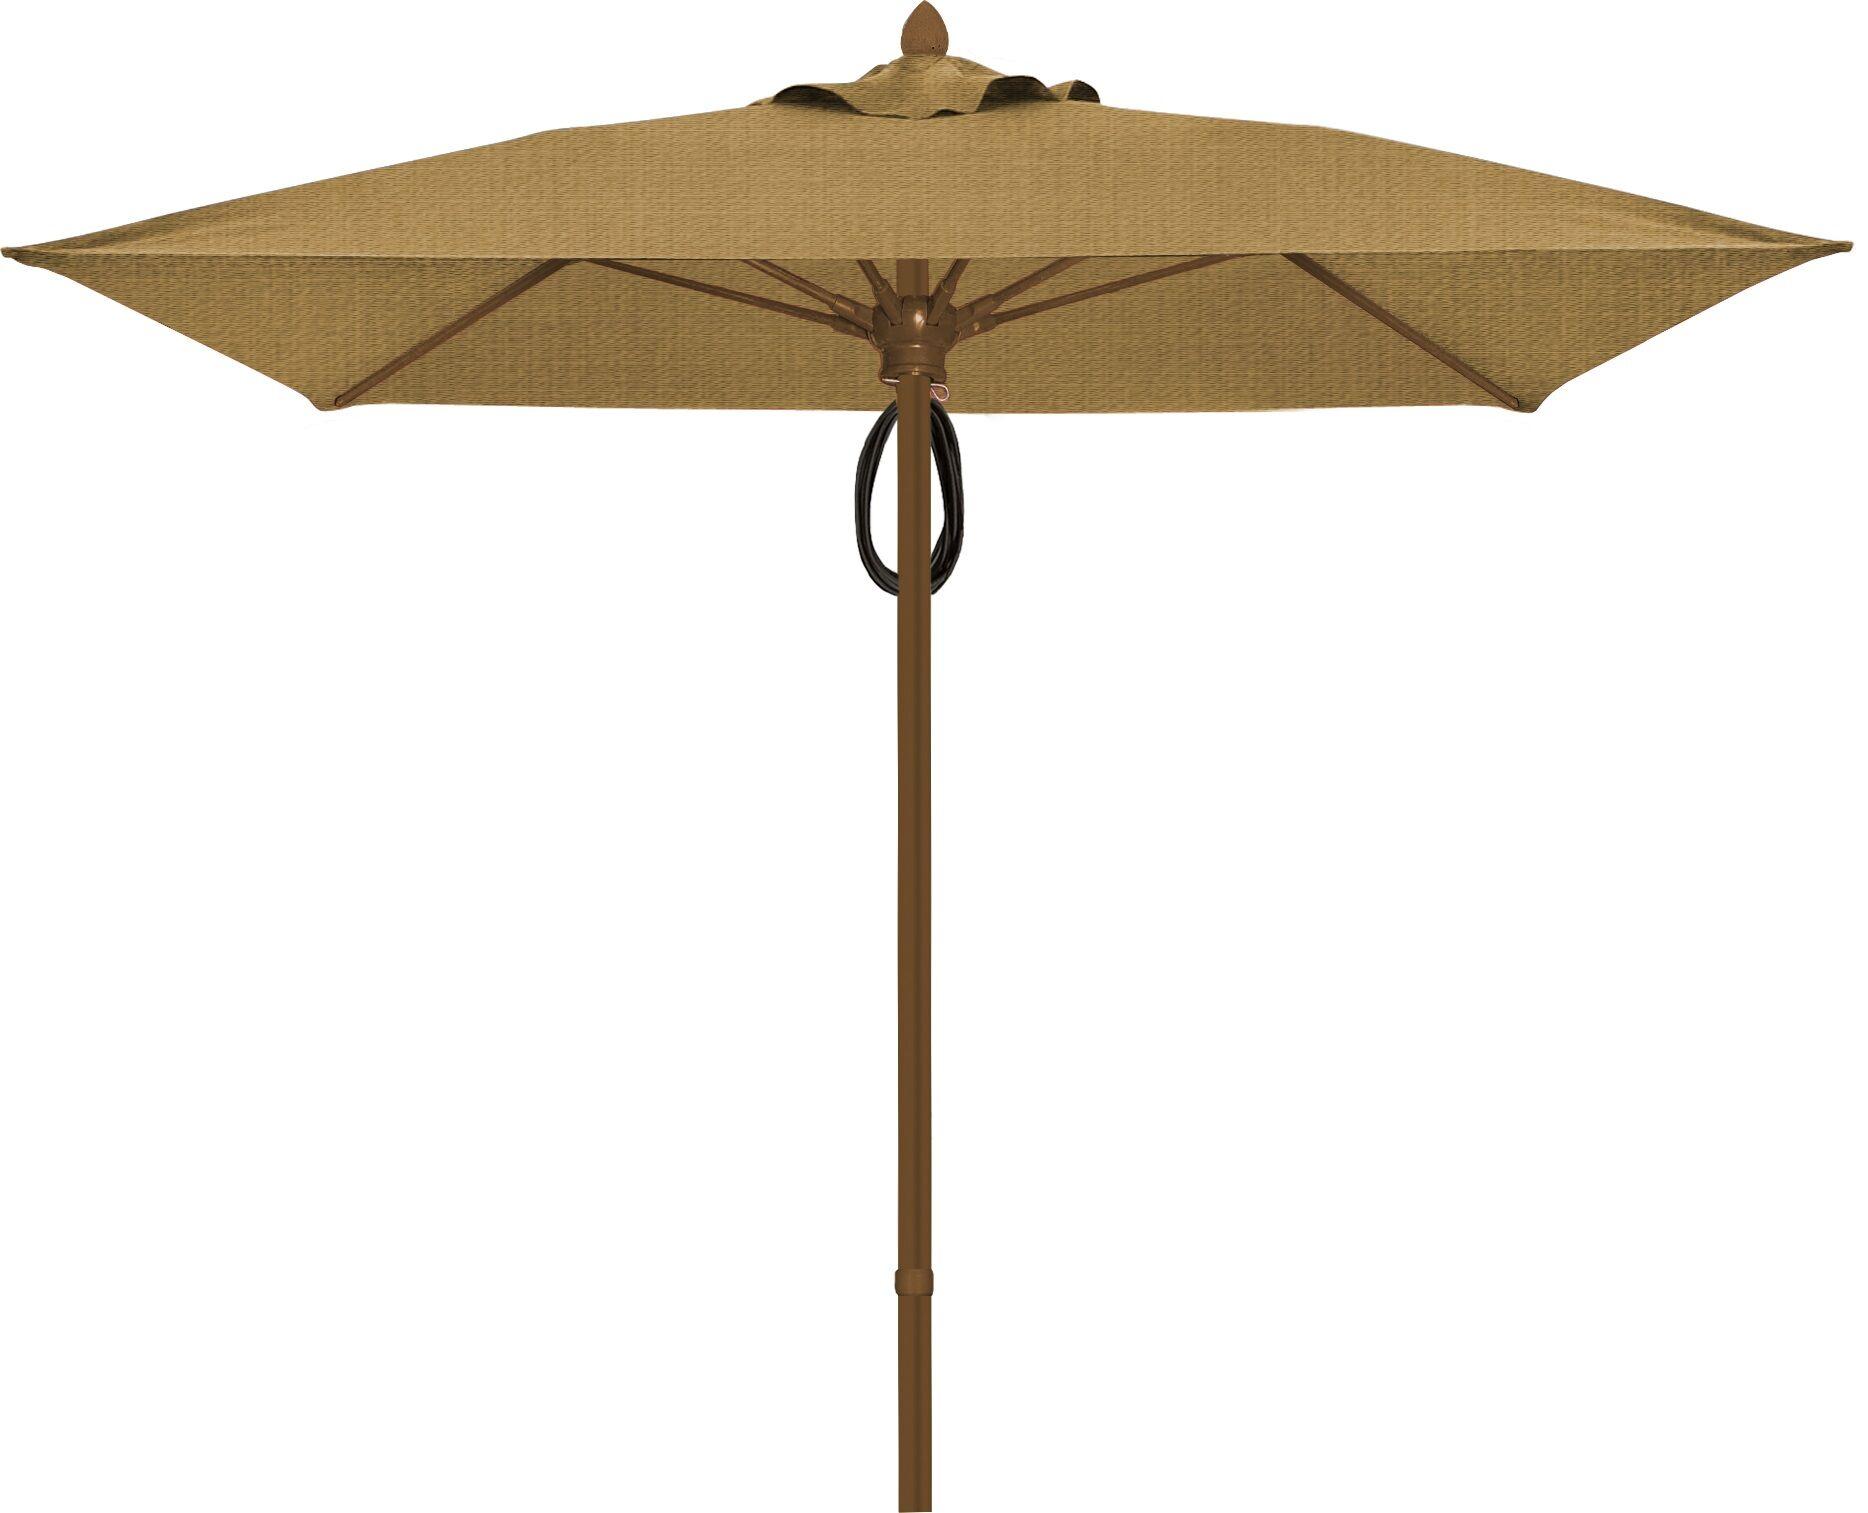 Prestige 6' Square Market Umbrella Fabric: Silica Barley, Frame Finish: Champagne Bronze